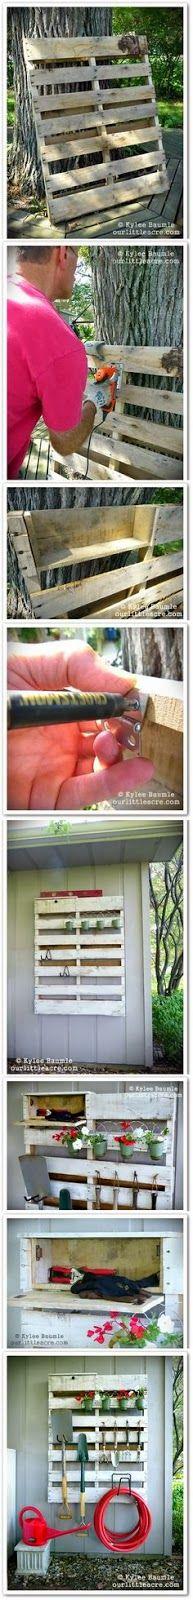 palete para guardar acessorios de jardinagem